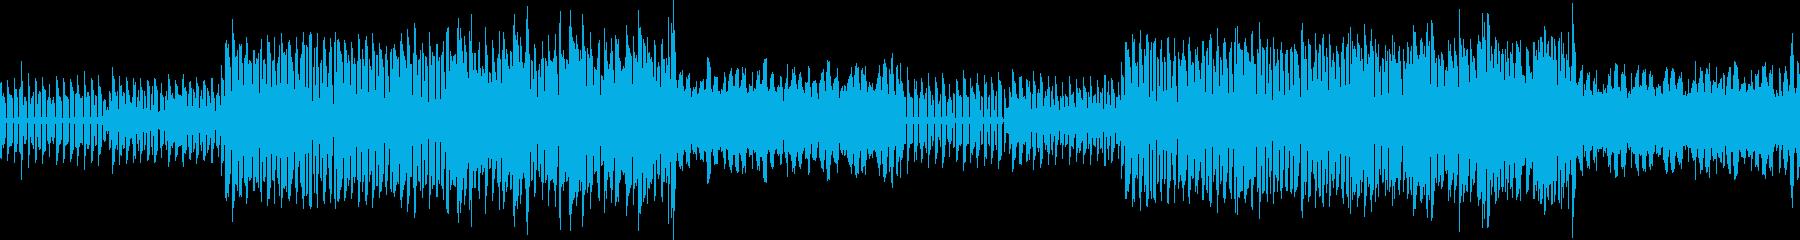 【メインメロ抜】トランスBGMの再生済みの波形